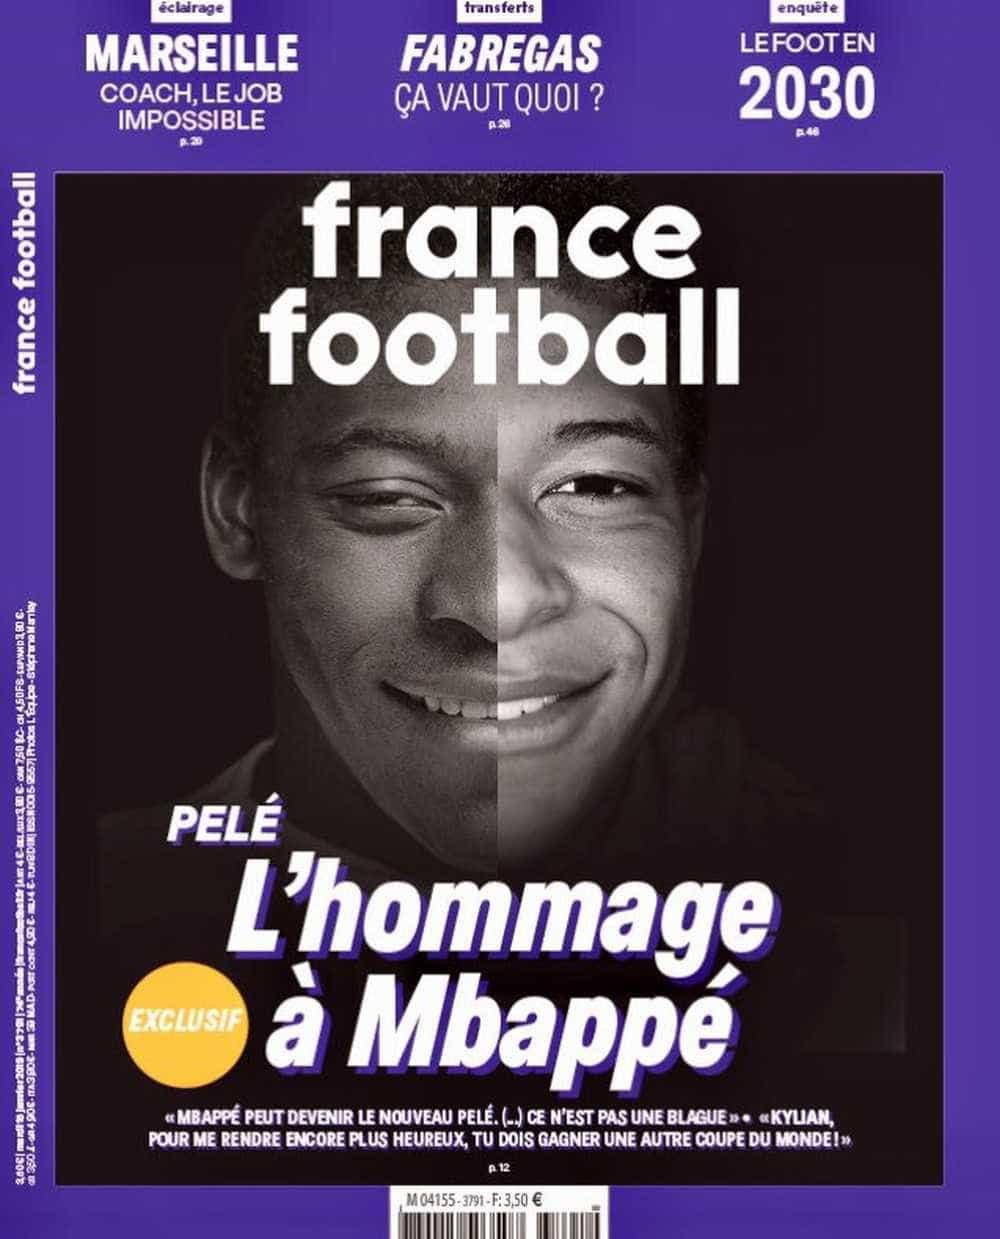 Pelé diz à revista francesa que Mbappé será o próximo rei do futebol